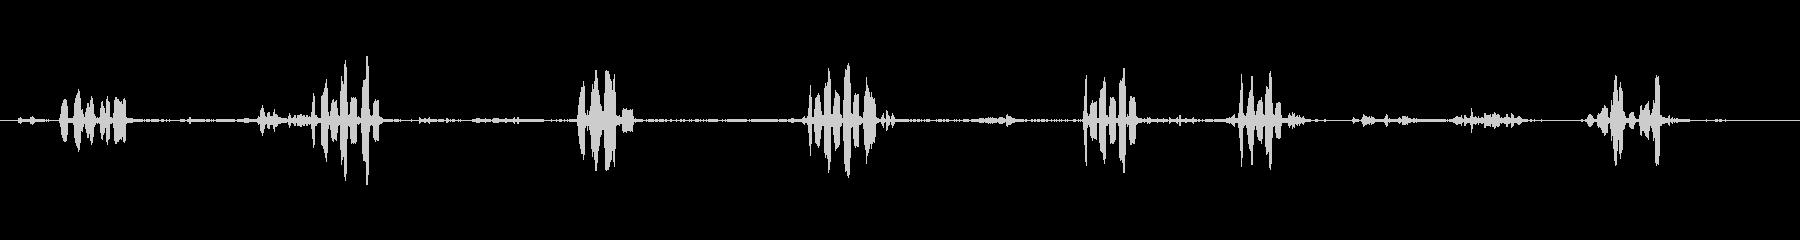 赤いフクロウ-STRIX ALUC...の未再生の波形